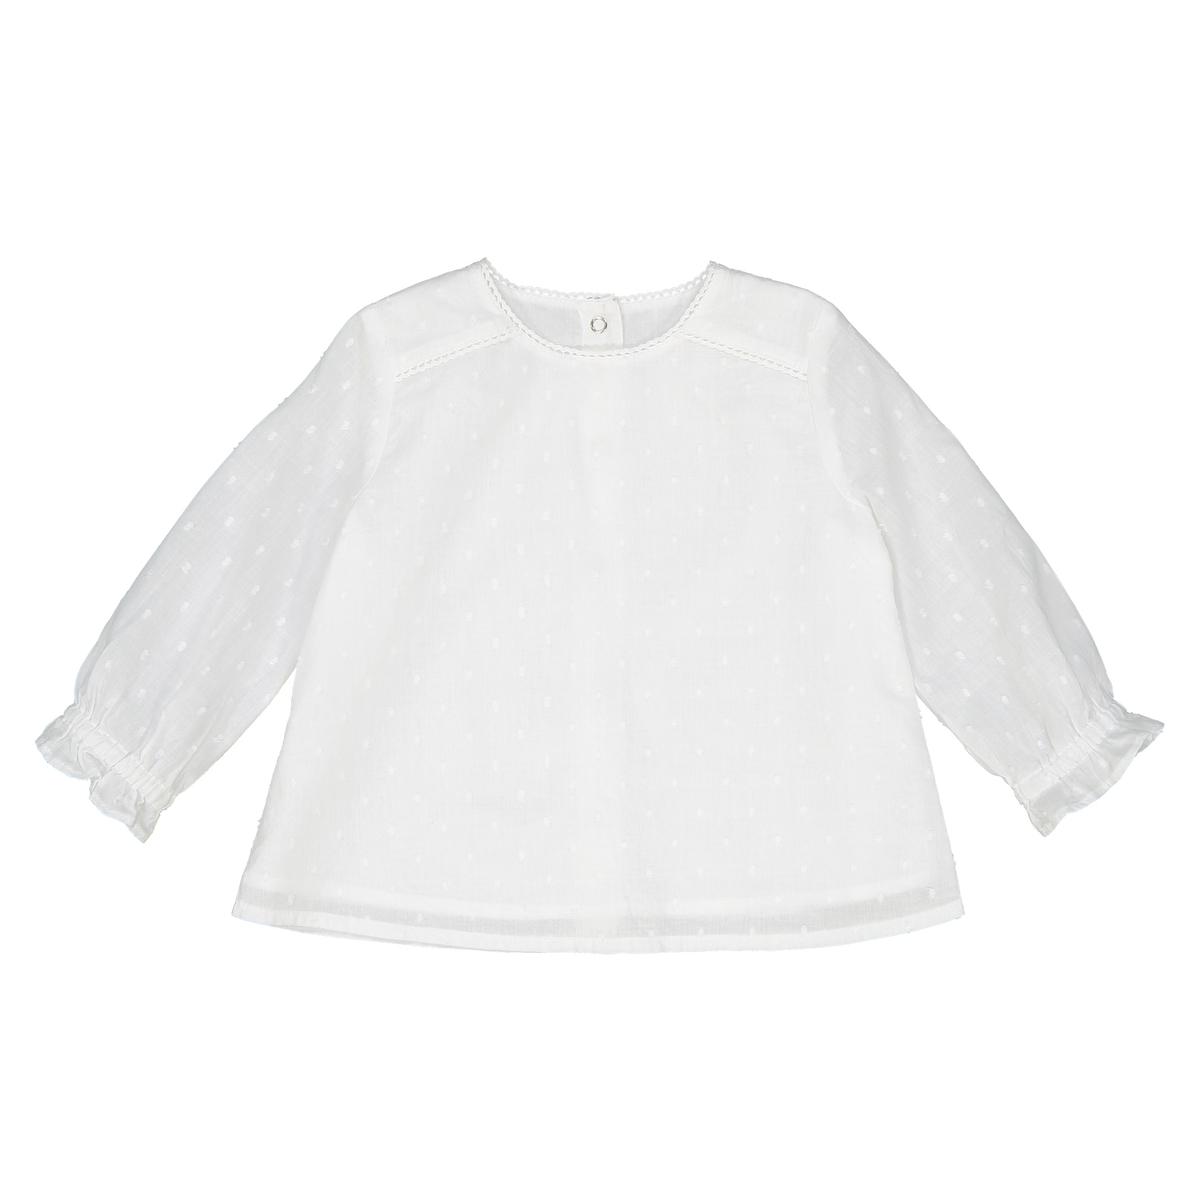 Блузка La Redoute С длинными рукавами и вырезом из кружева мес - года 0 мес. - 50 см белый цена